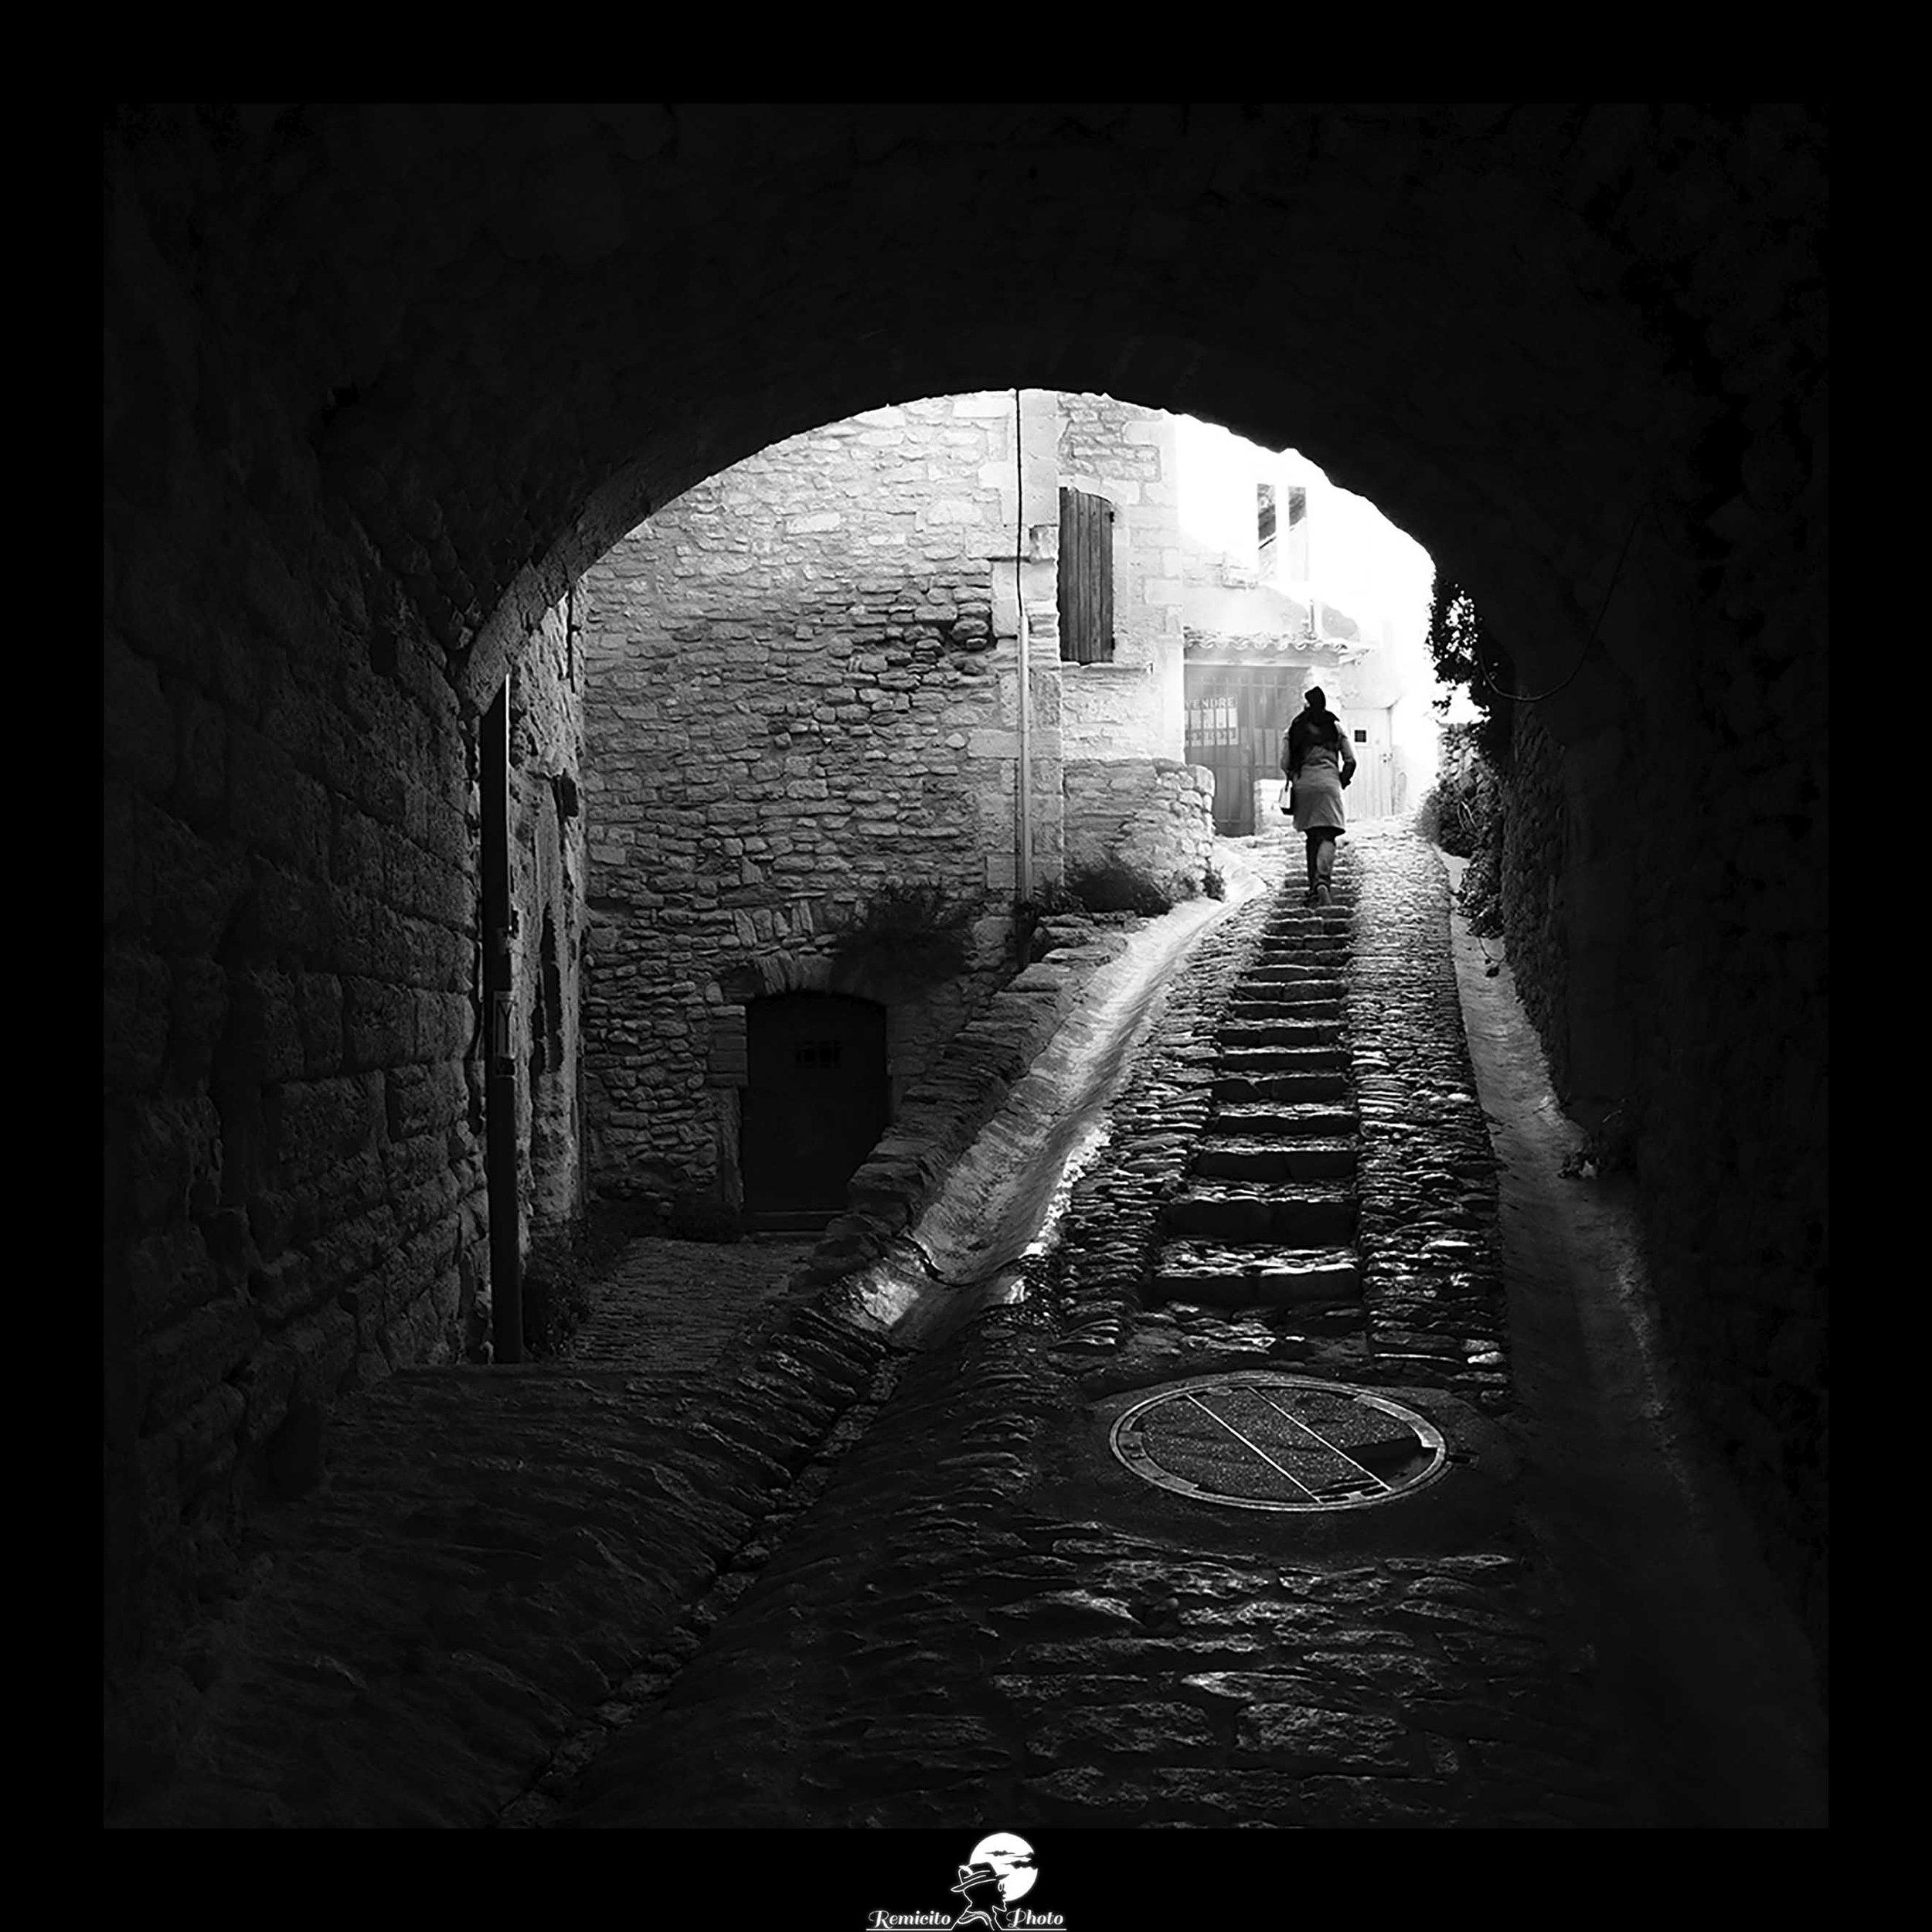 Remicito photo, remicito rémi lacombe photographe français voyage, belle photo 100 plus beaux villages de france, belle photo noir et blanc idée cadeau